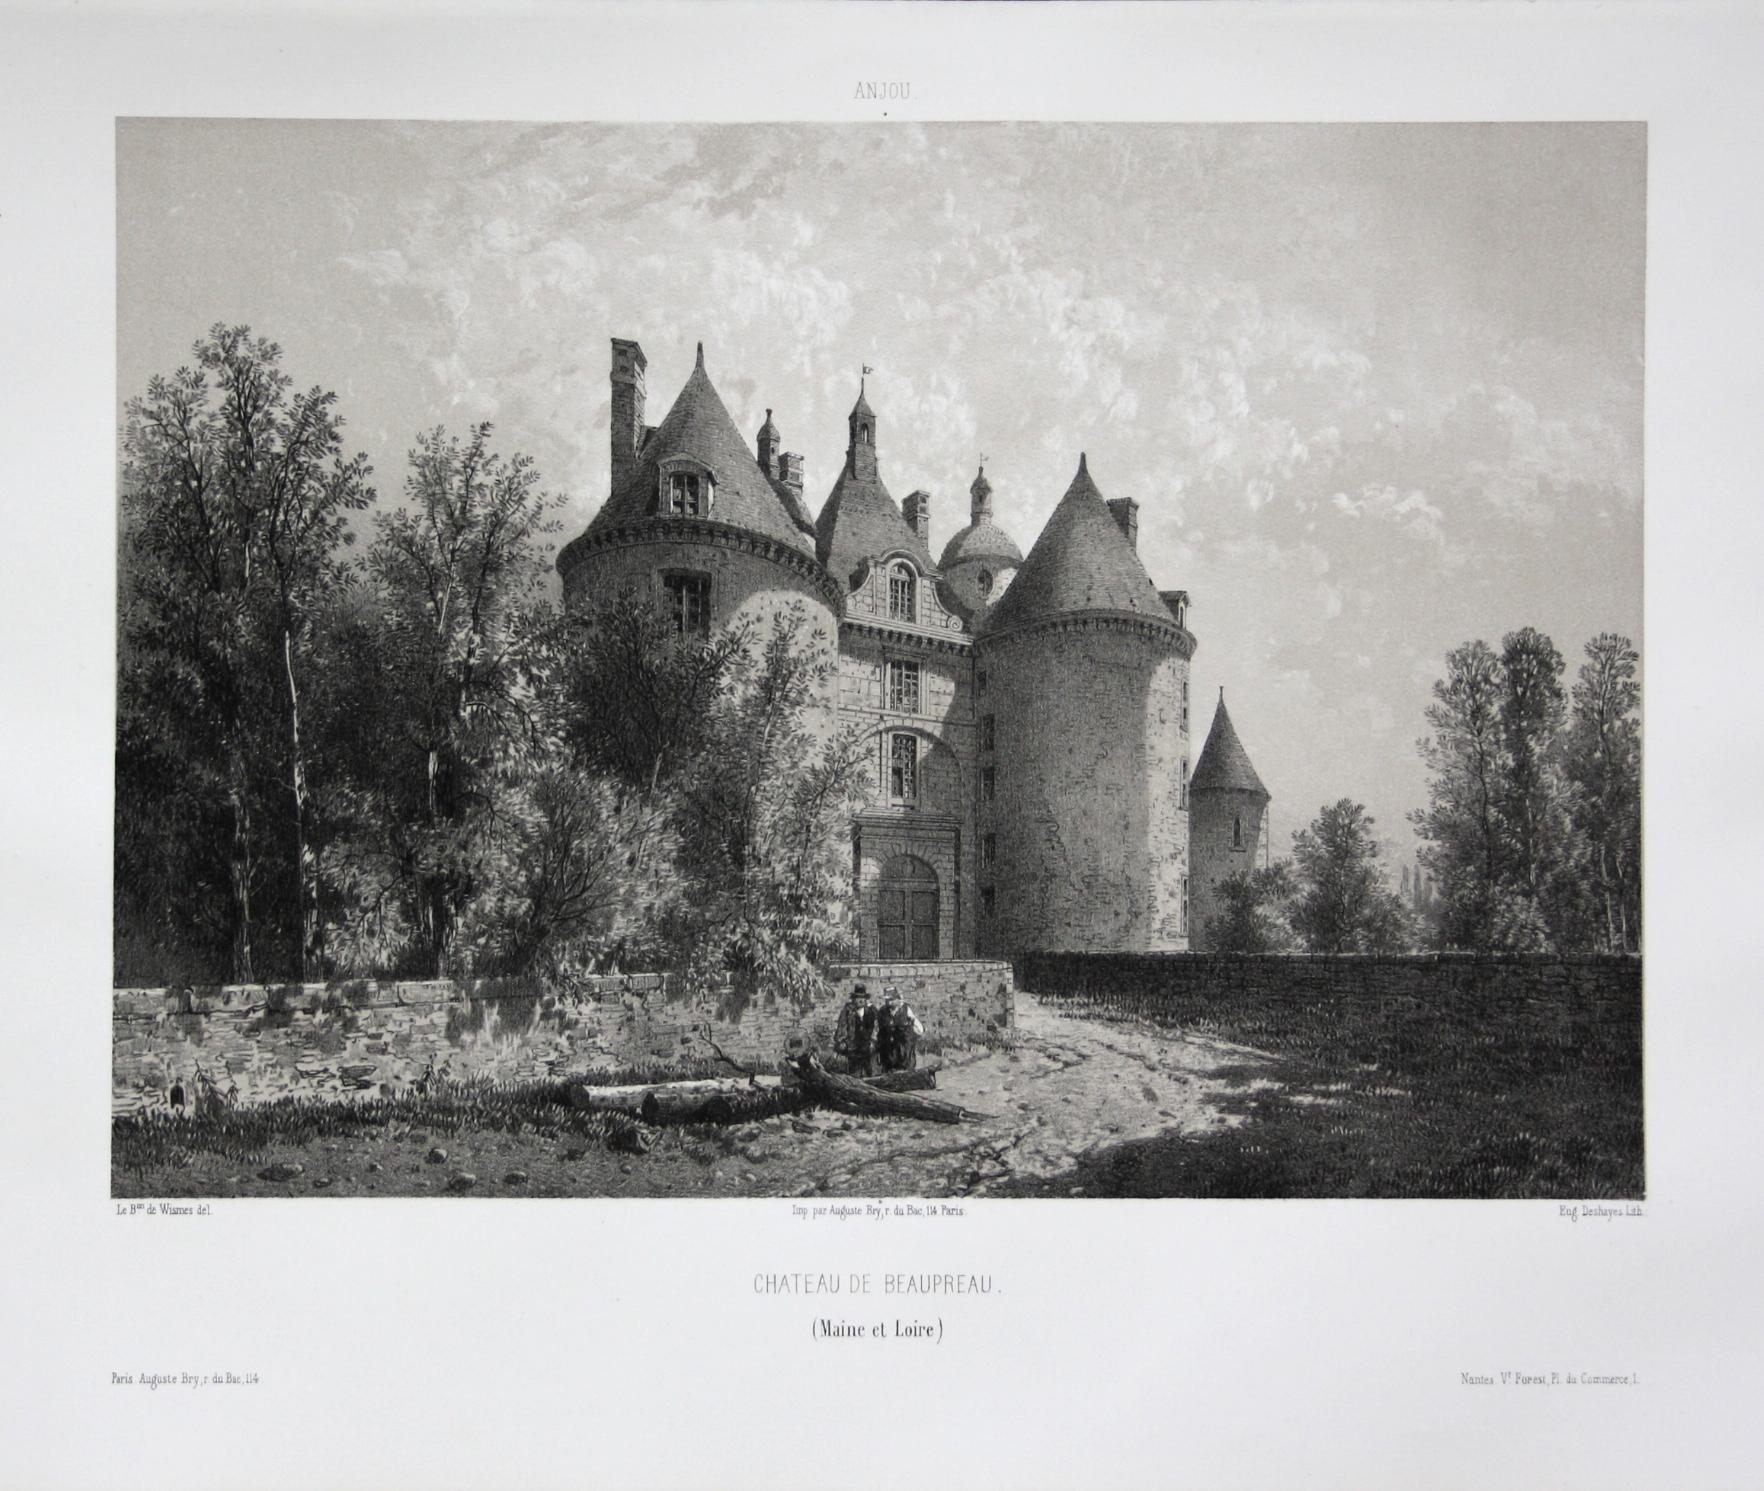 Chateau de Beaupreau / Maine et Loire: Wismes, Olivier de